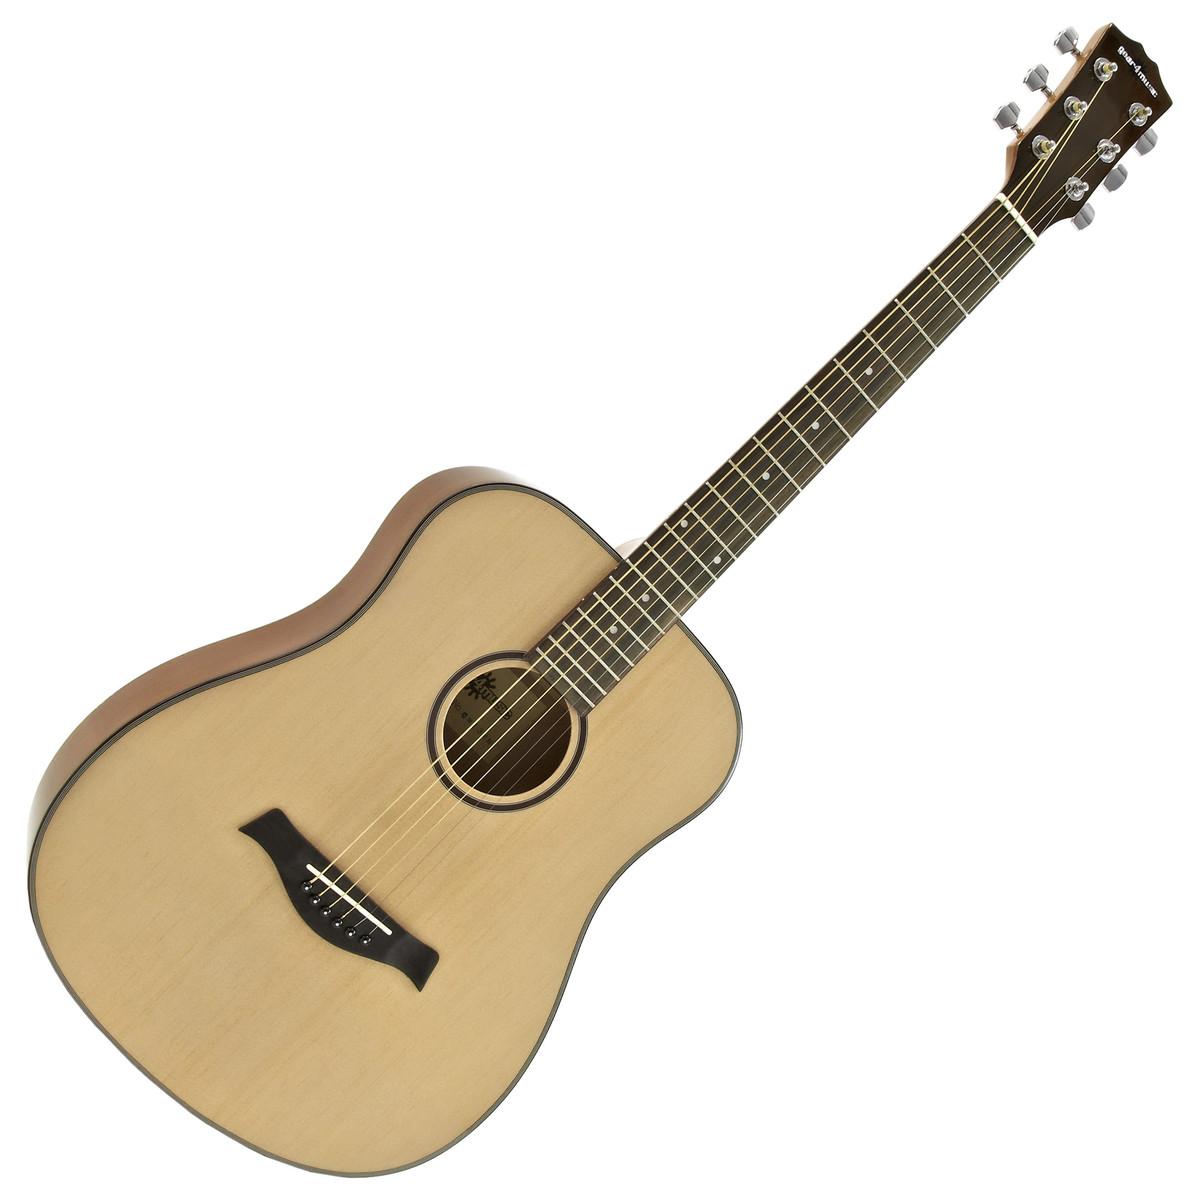 guitare acoustique de voyage taille 3 4 par gear4music. Black Bedroom Furniture Sets. Home Design Ideas